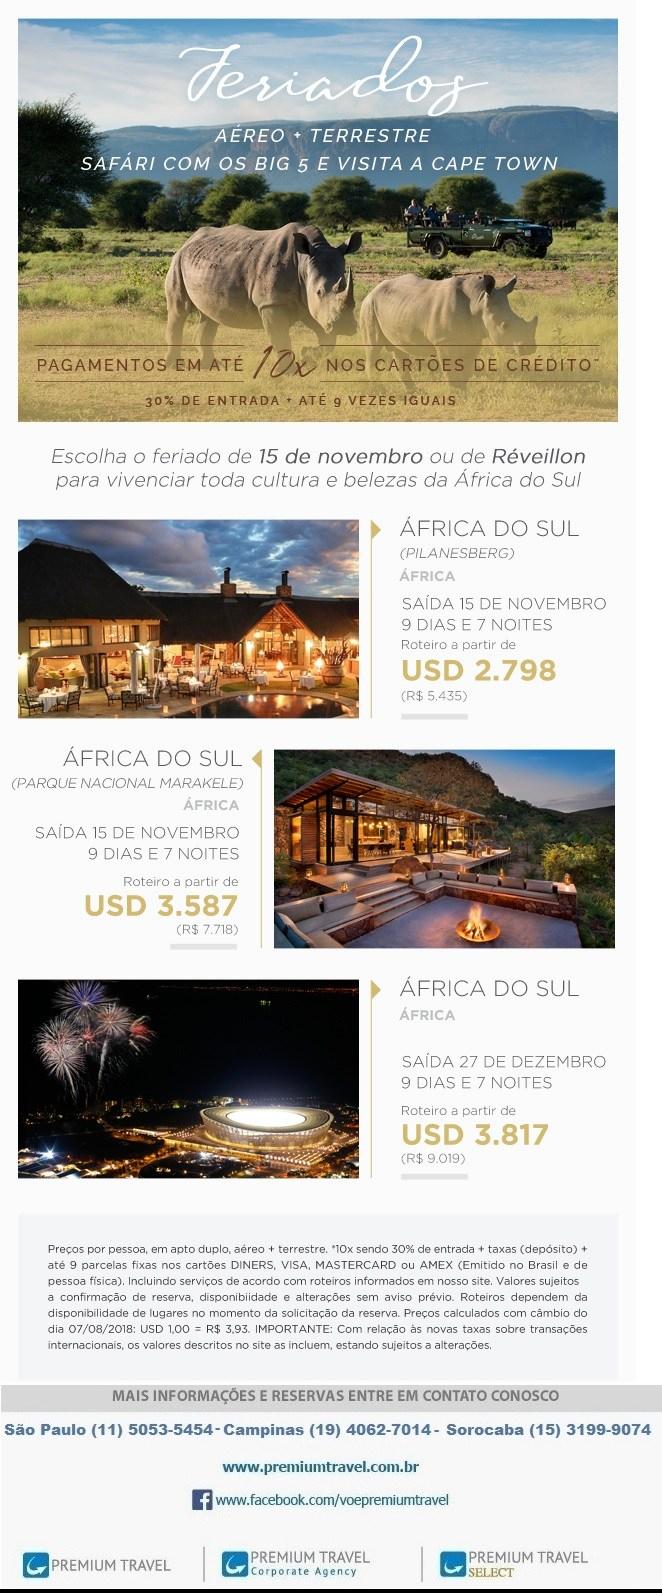 Aproveite seu feriado! Desvende a África do Sul!